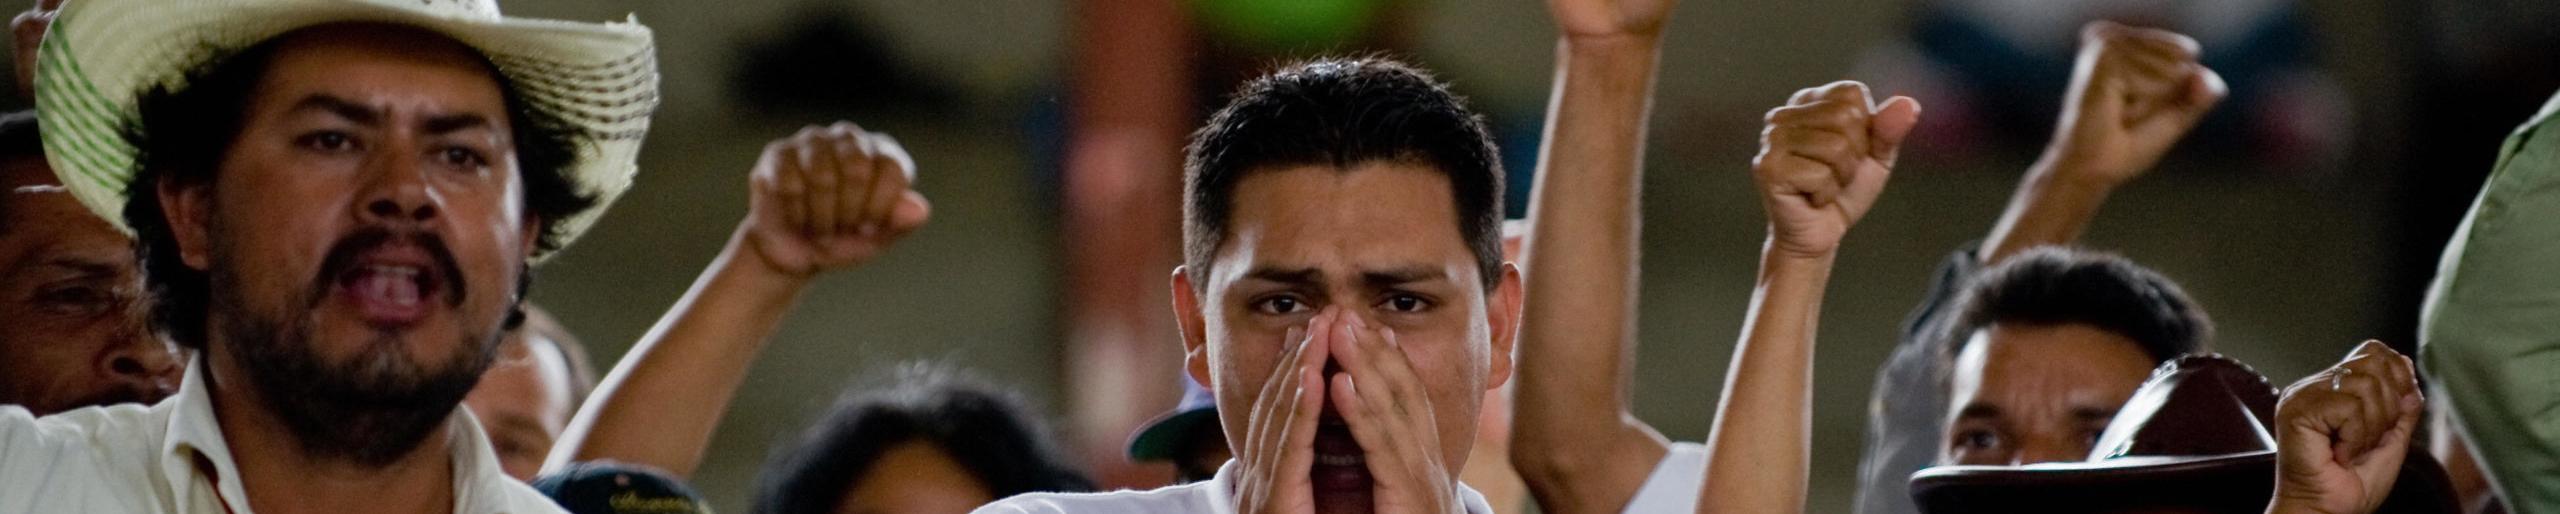 Chinandega-Deportivo Ocotal: i biancoblu a caccia del secondo successo di fila